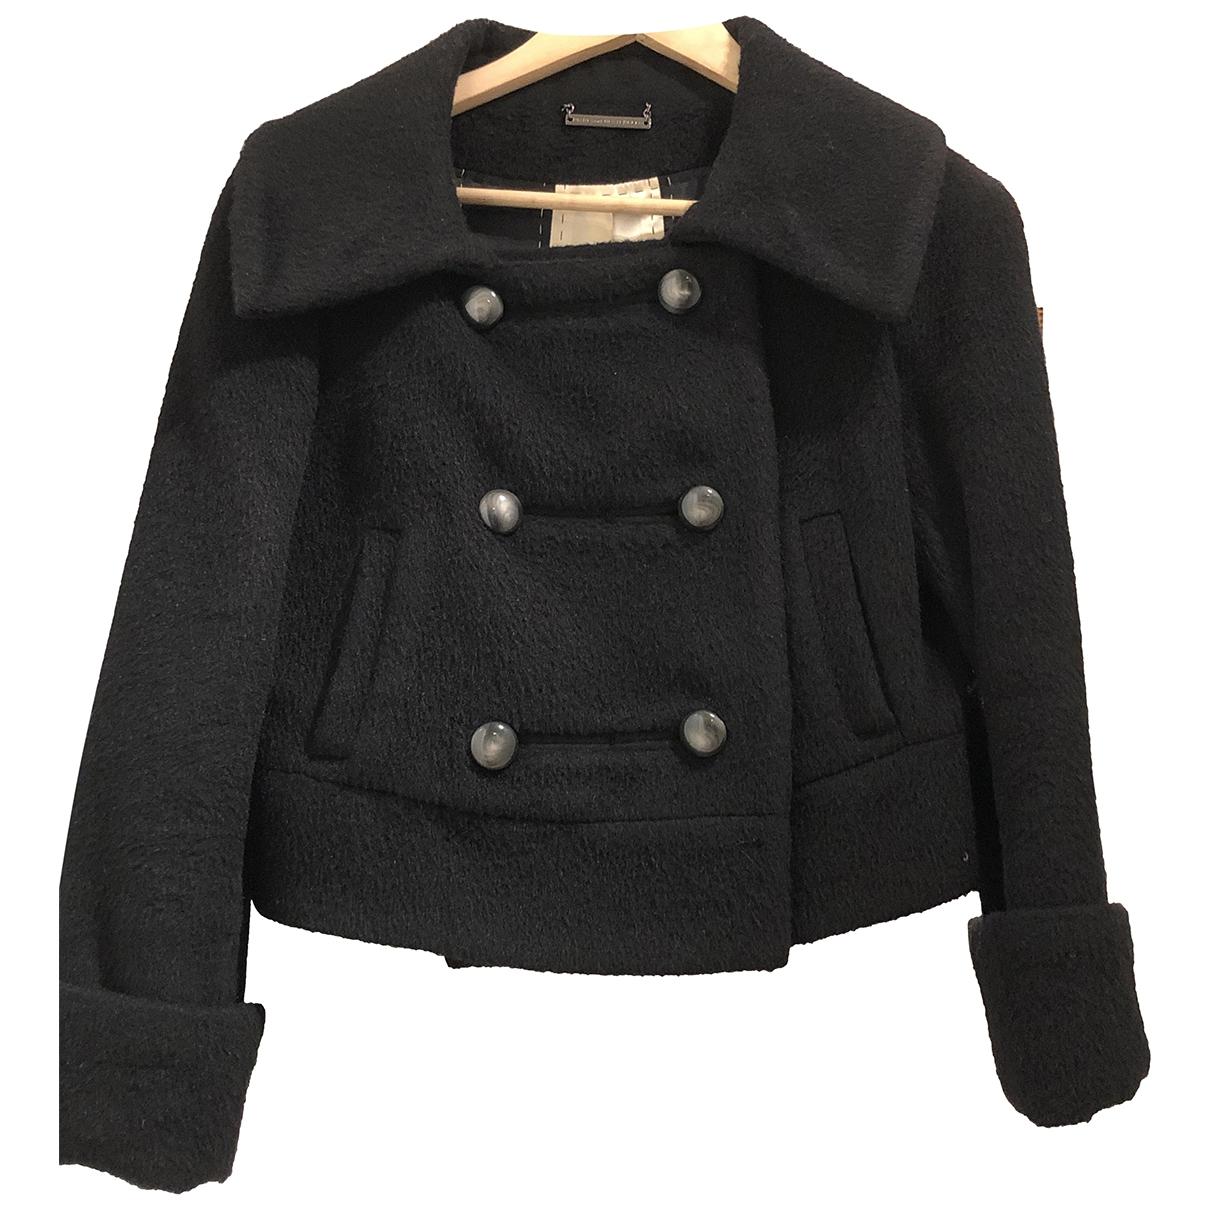 Diane Von Furstenberg \N Black Wool jacket for Women 4 US